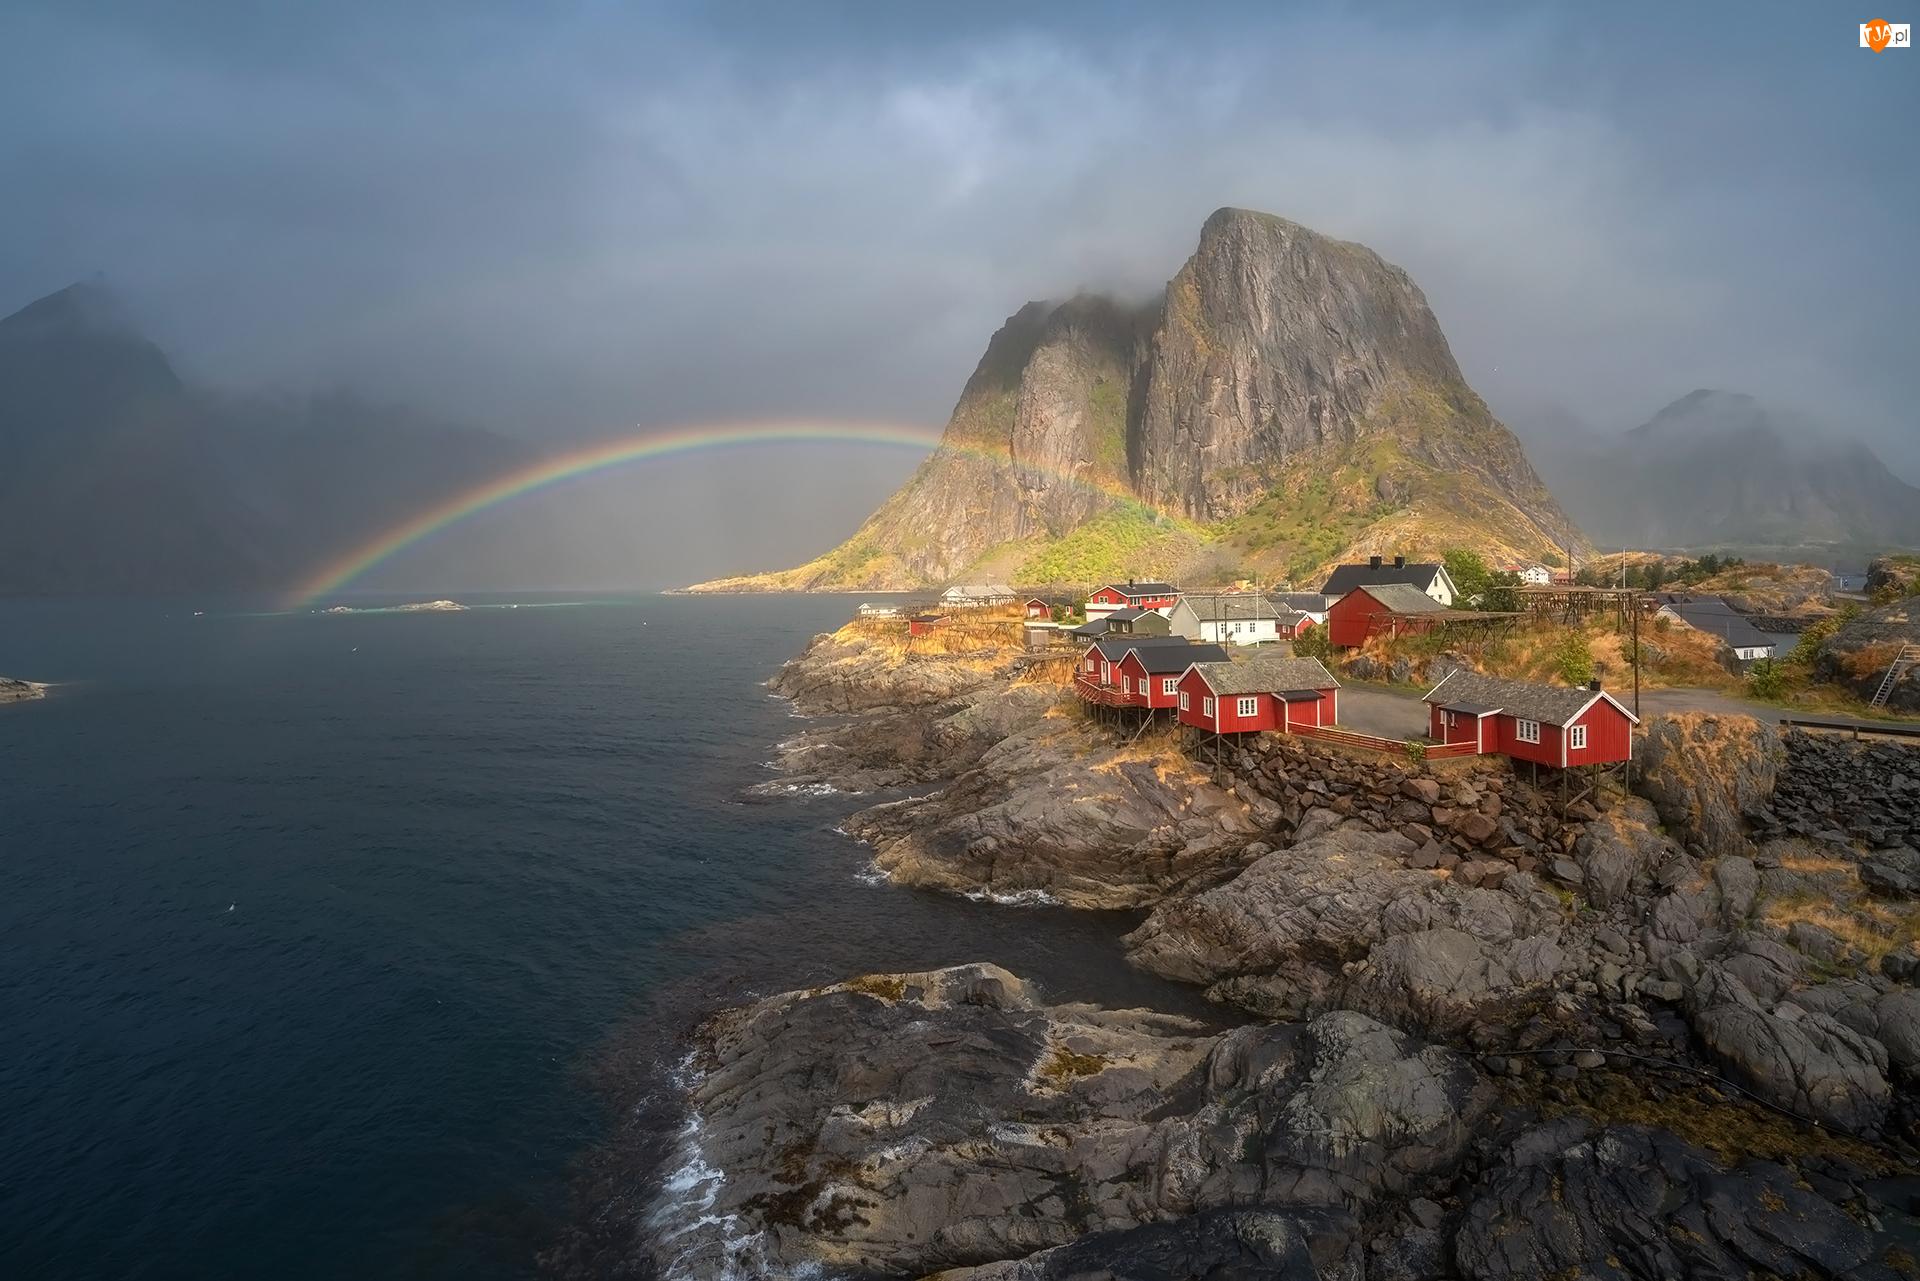 Góra Higravstinden, Norwegia, Morze, Wioska Hamnoy, Lofoty, Góry, Tęcza, Domy